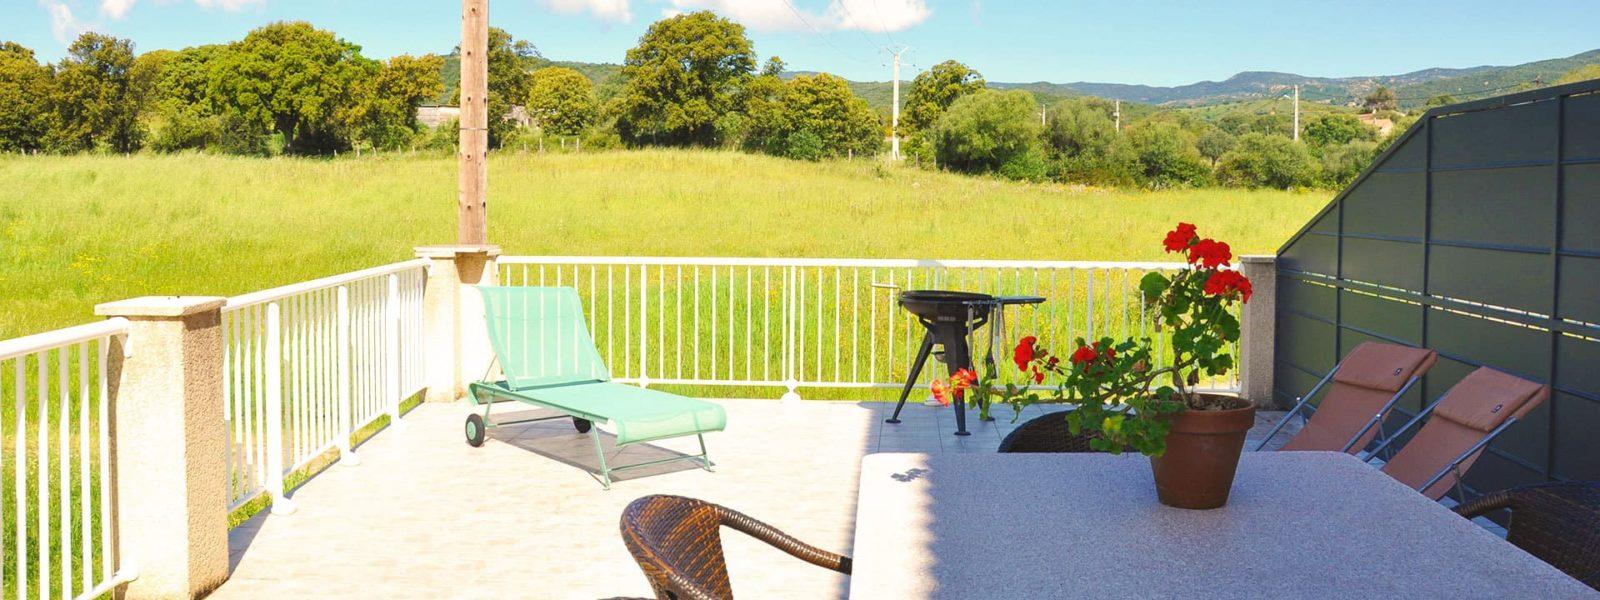 Location duplex pour 6 en Corse du Sud - Le Porto Pollo, Casa Favalella